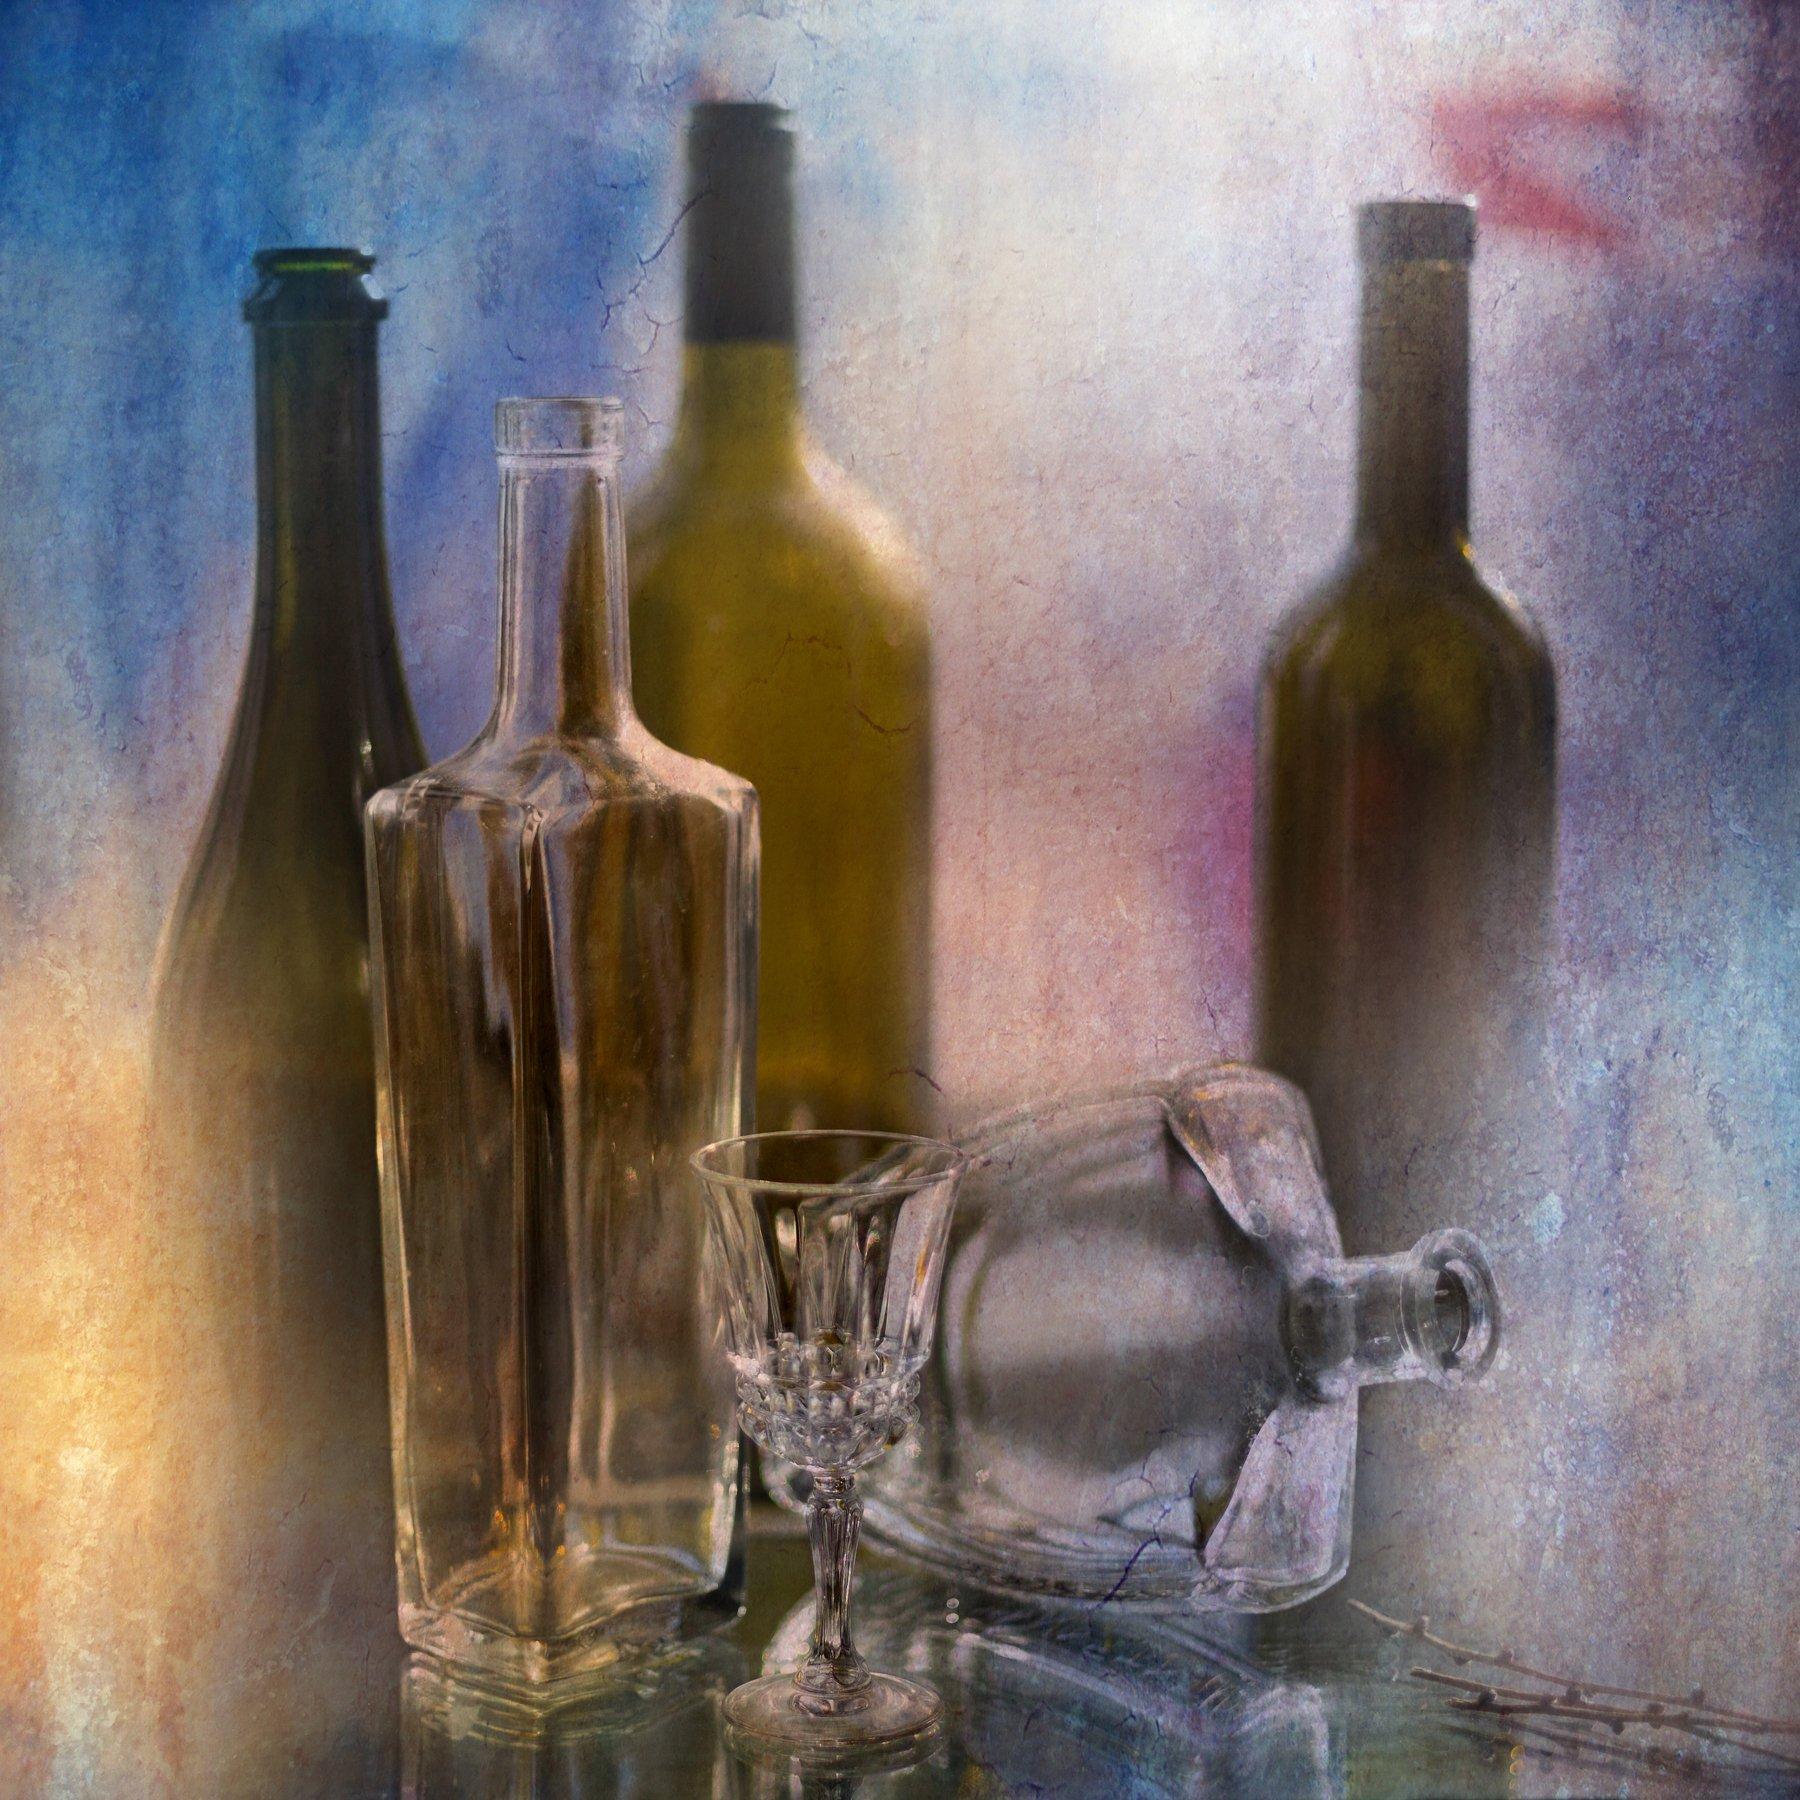 фото , цвет , натюрморт , бутылки , рюмка , стекло , ветка , светлый тон, Федотов Вадим(Vadius)